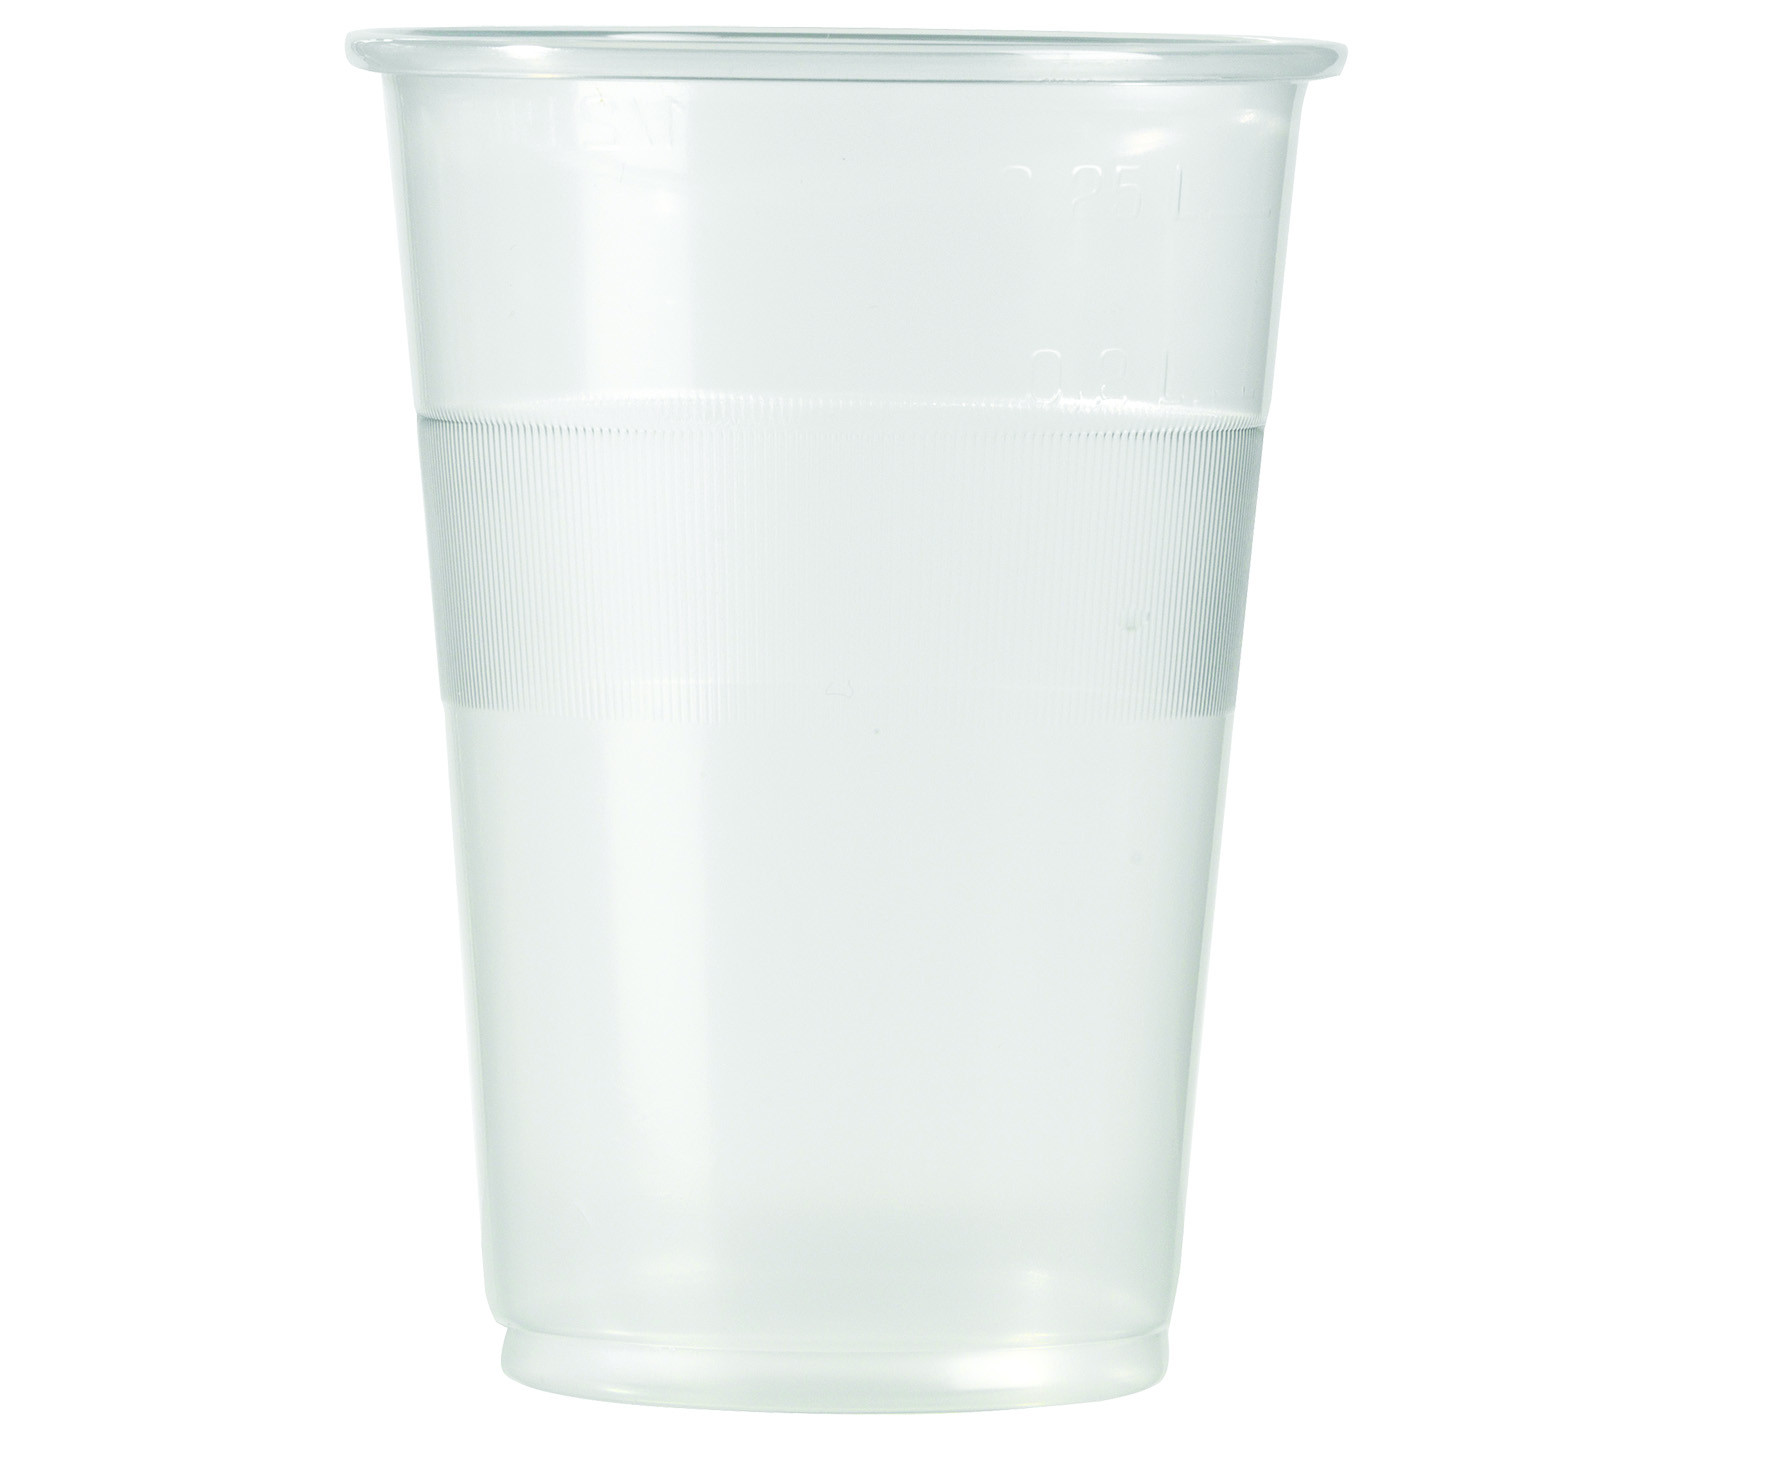 Venta de Vaso de plástico desechable (50 ud)